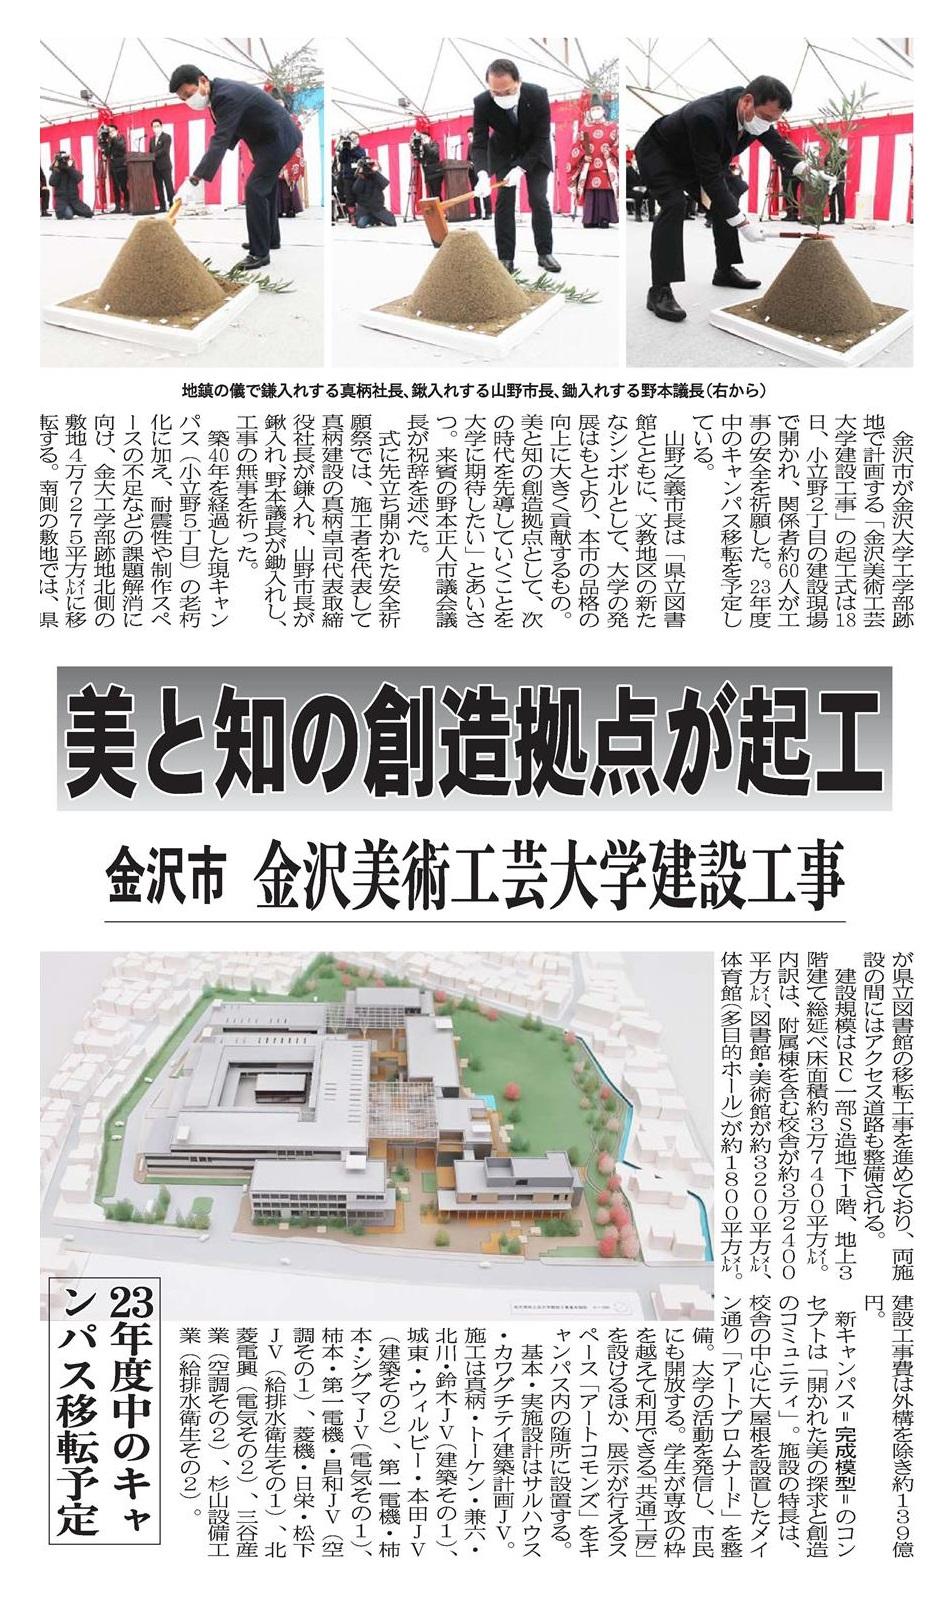 2021.01.19_金沢市 金沢美術工芸大学建設工事 美と知の創造拠点が起工